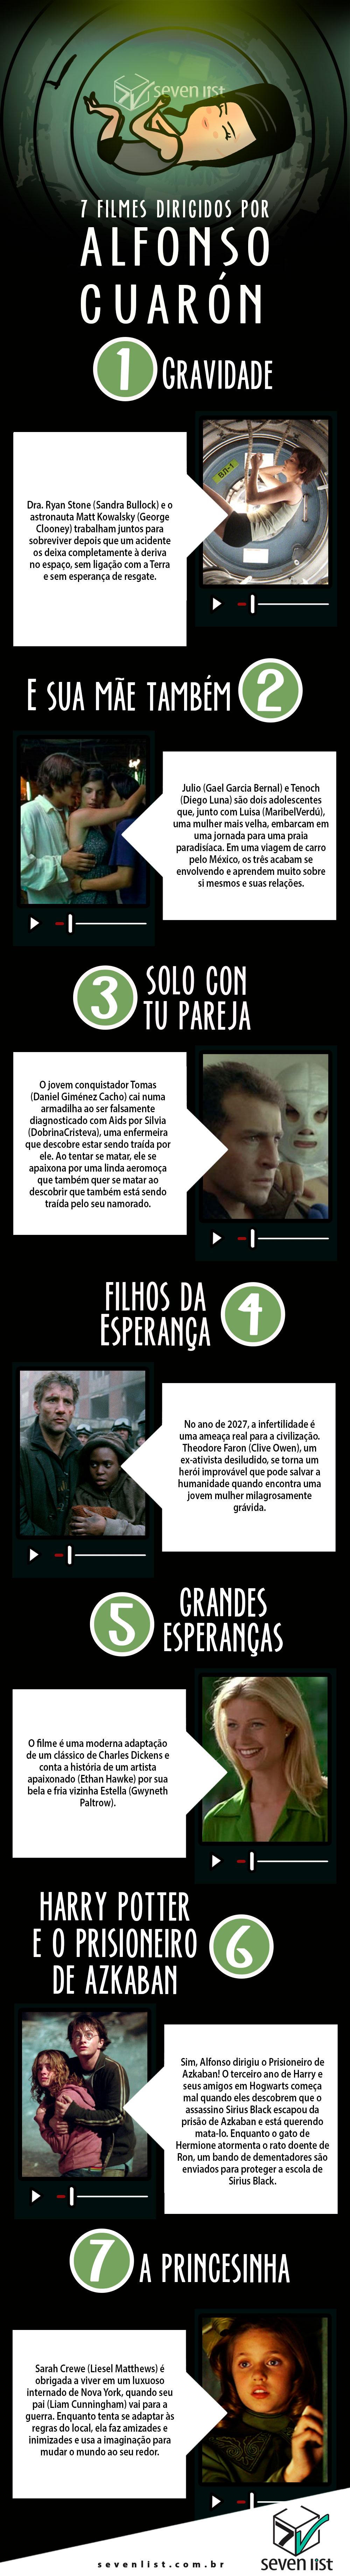 filmes dirigidos por Alfonso Cuarón